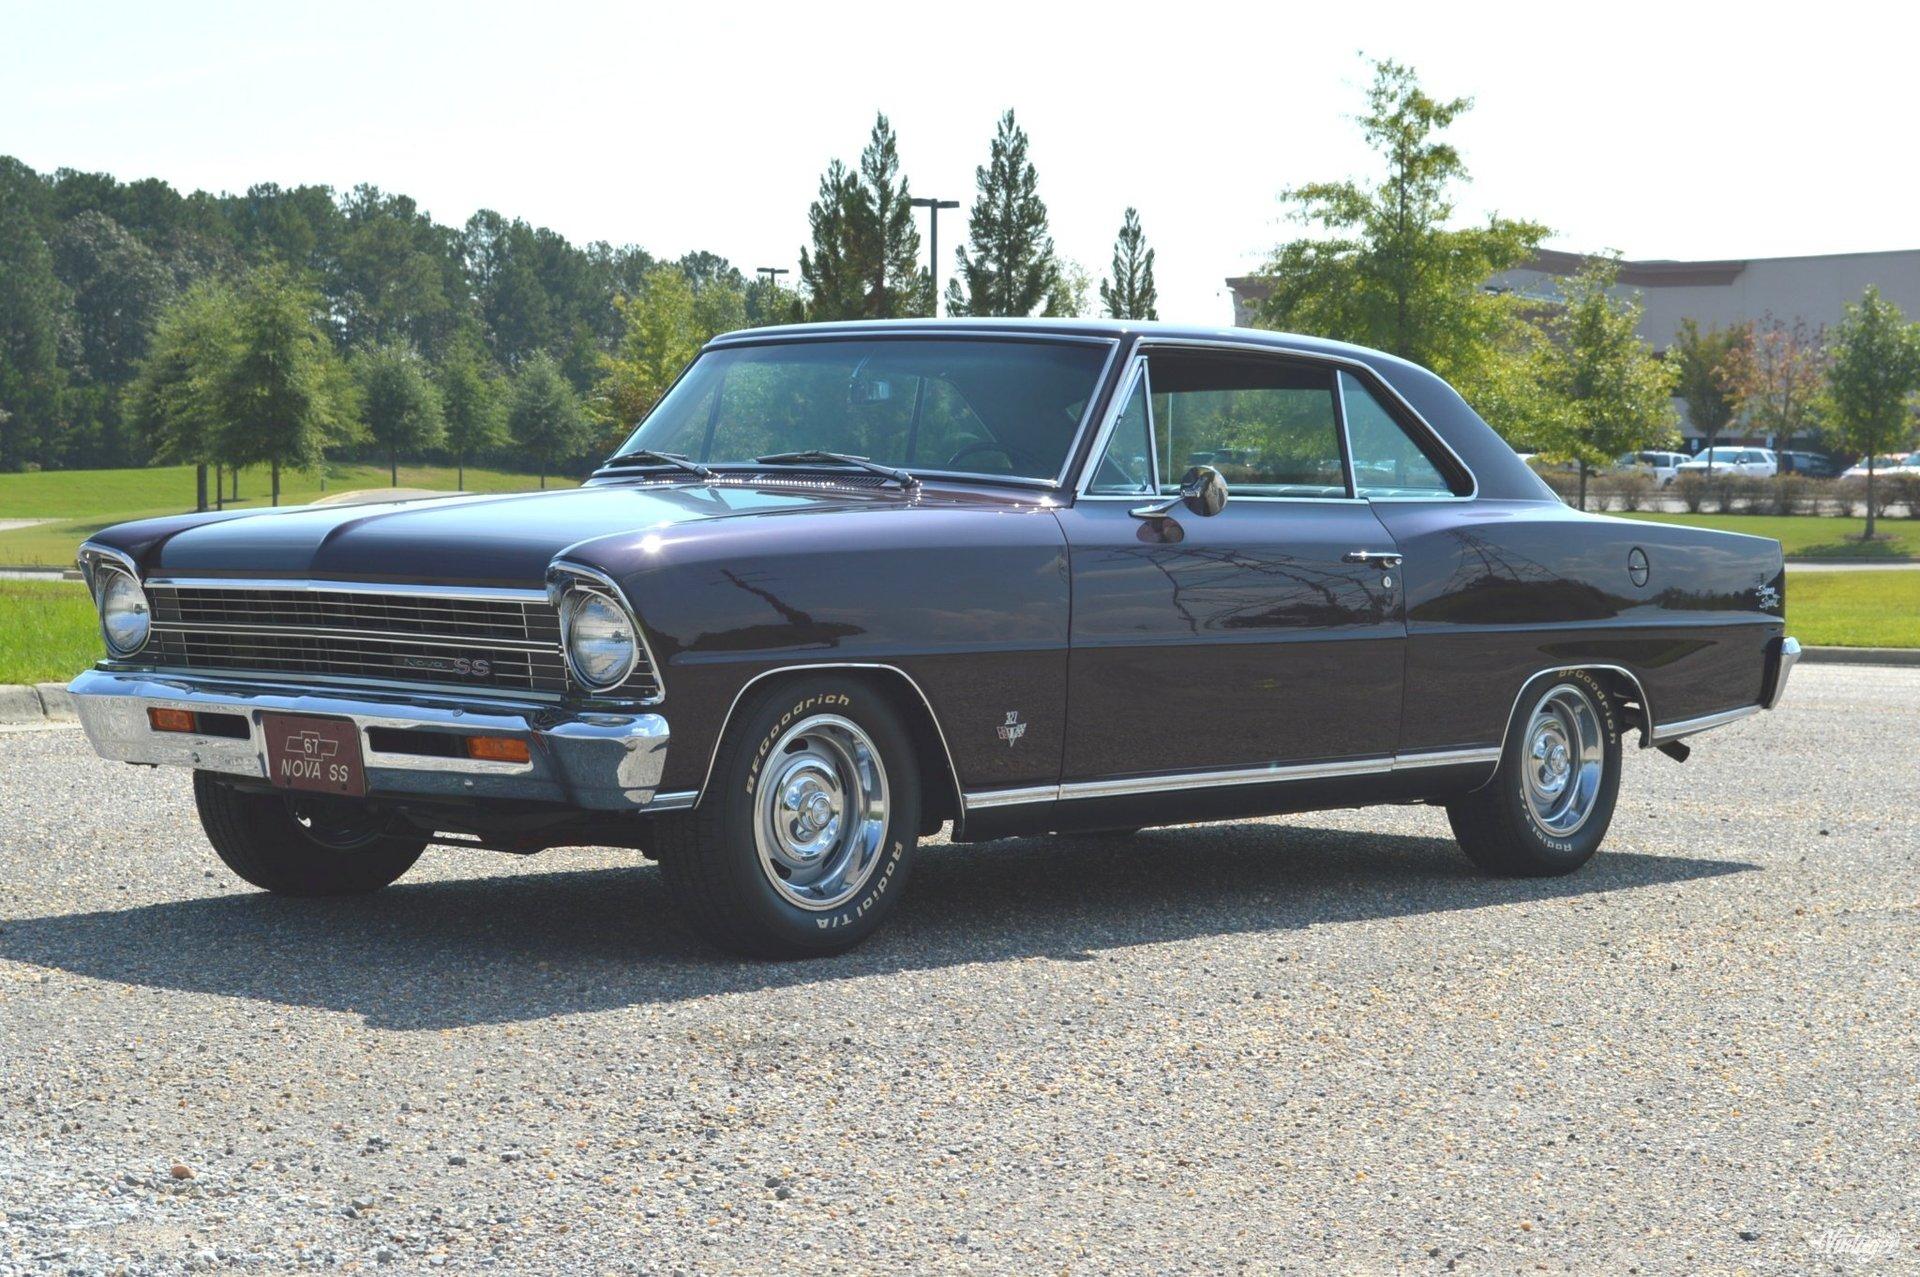 802cecc719d hd 1967 chevrolet nova ss